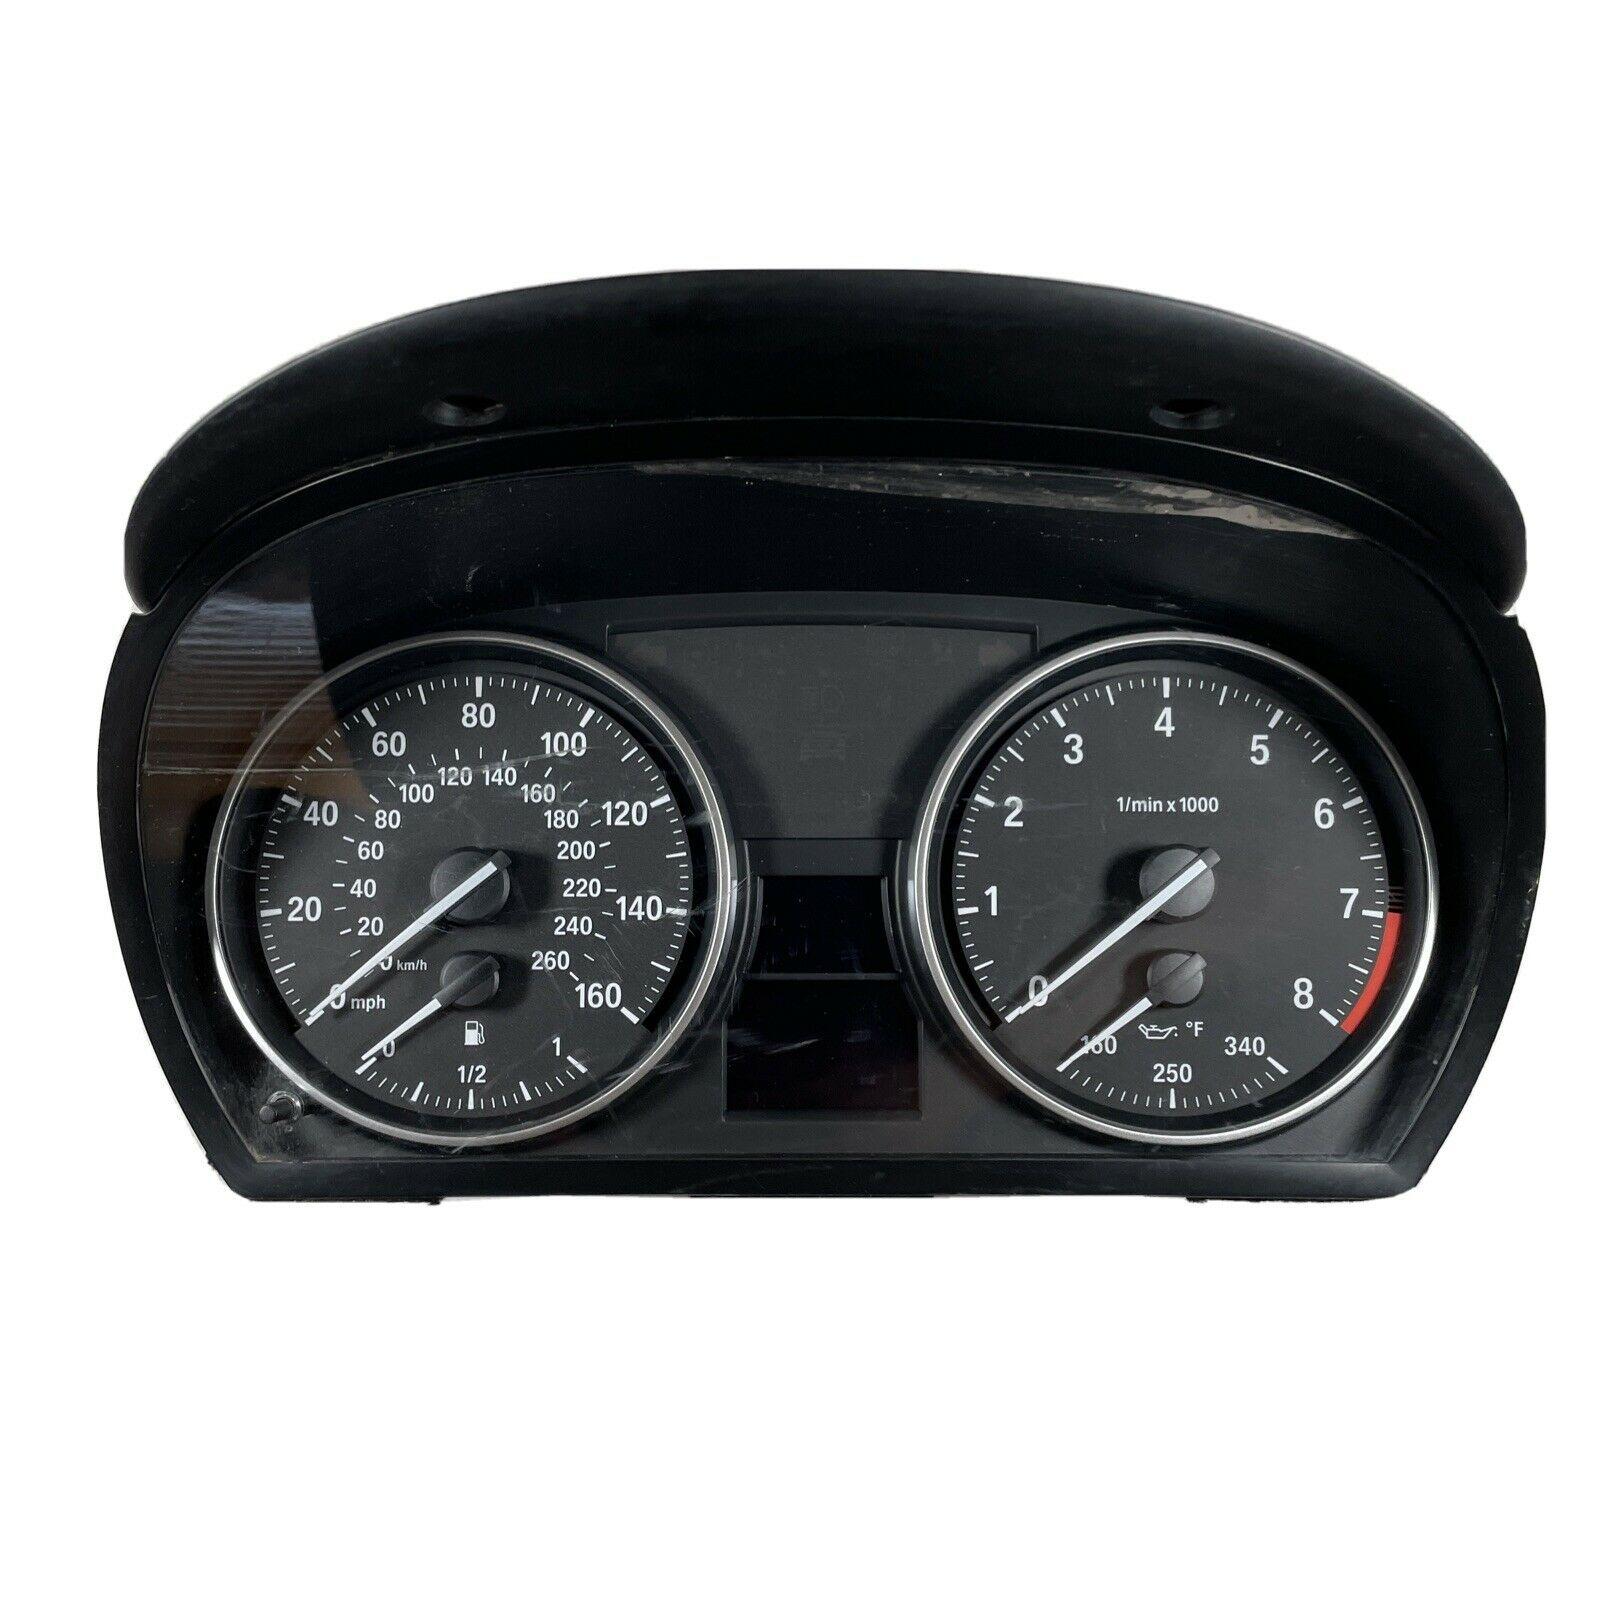 BMW Instrument Cluster 755 040 124